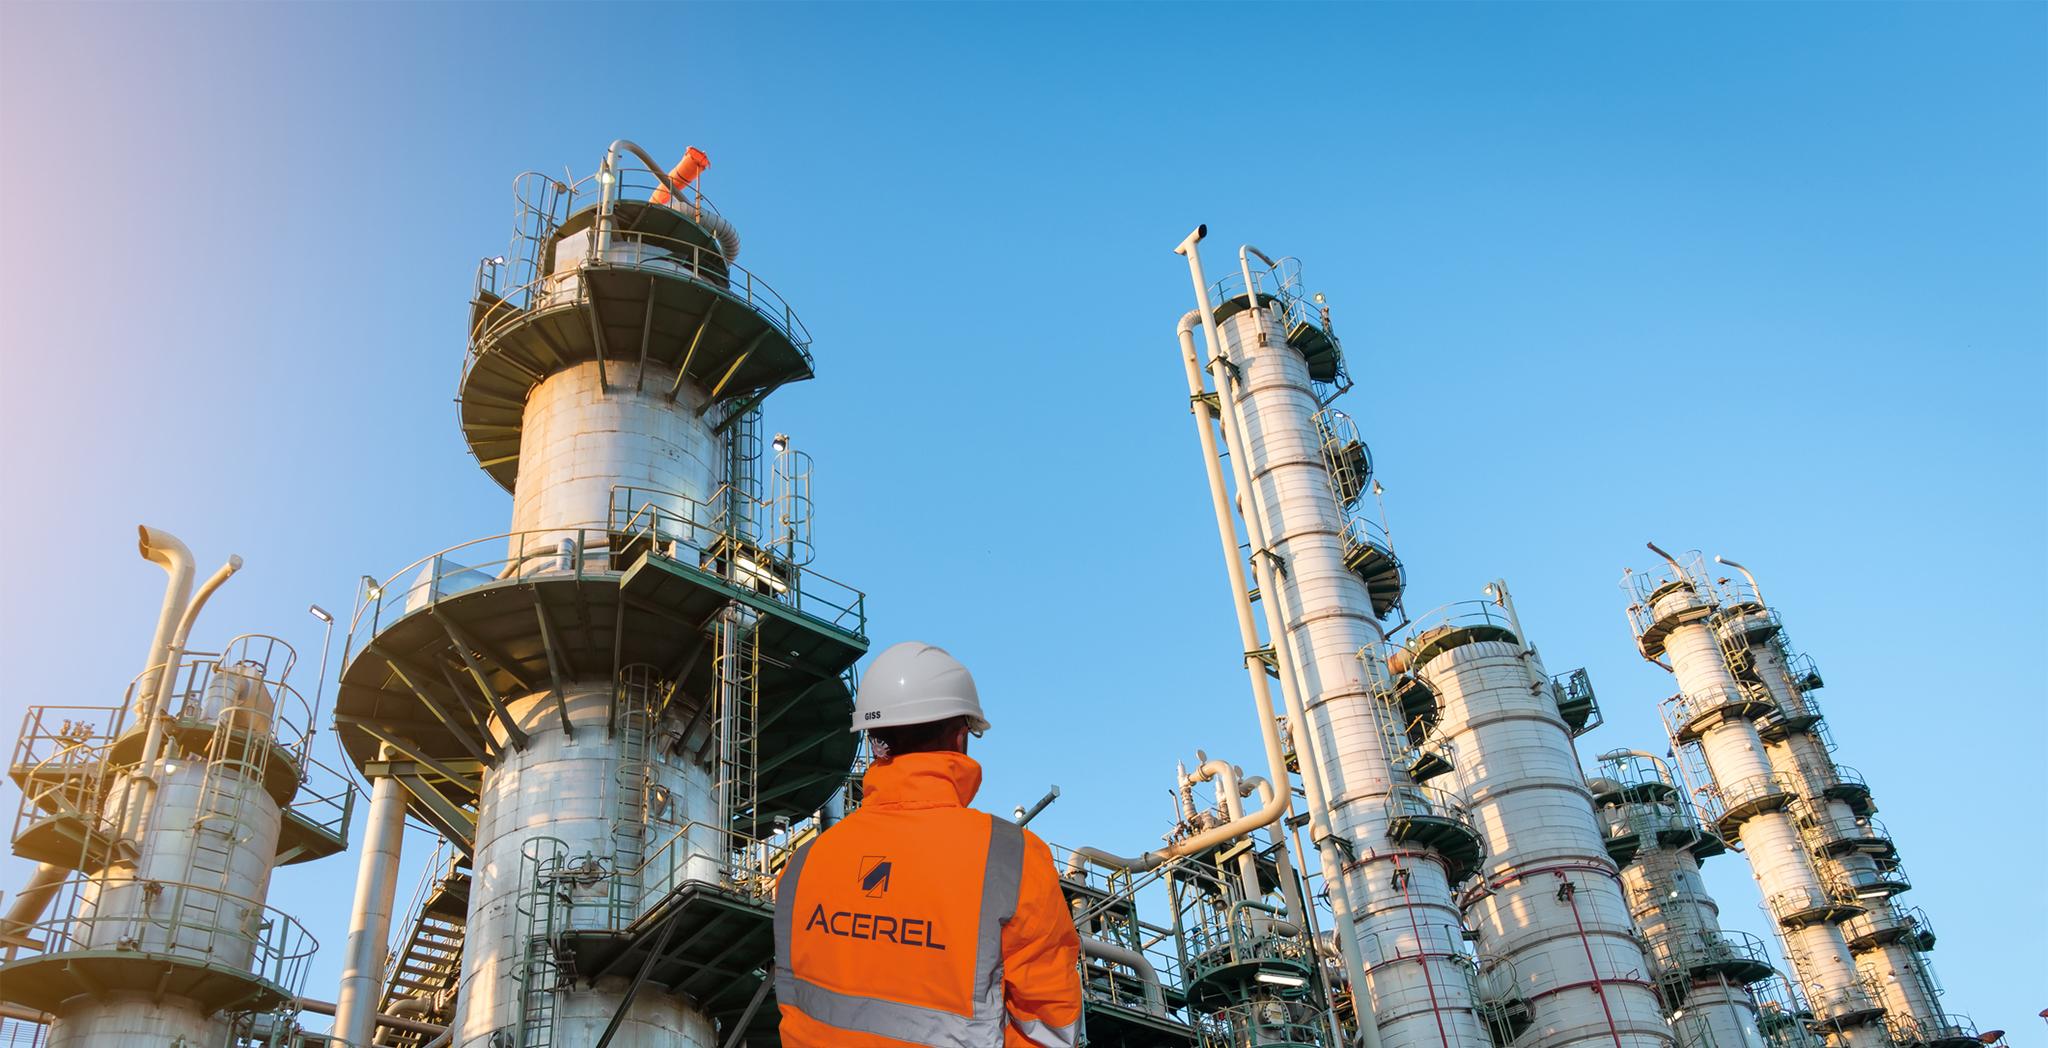 Les expertises d'ACEREL optimisées aux industries pétrochimiques, parapétrolières, chimiques et du gaz